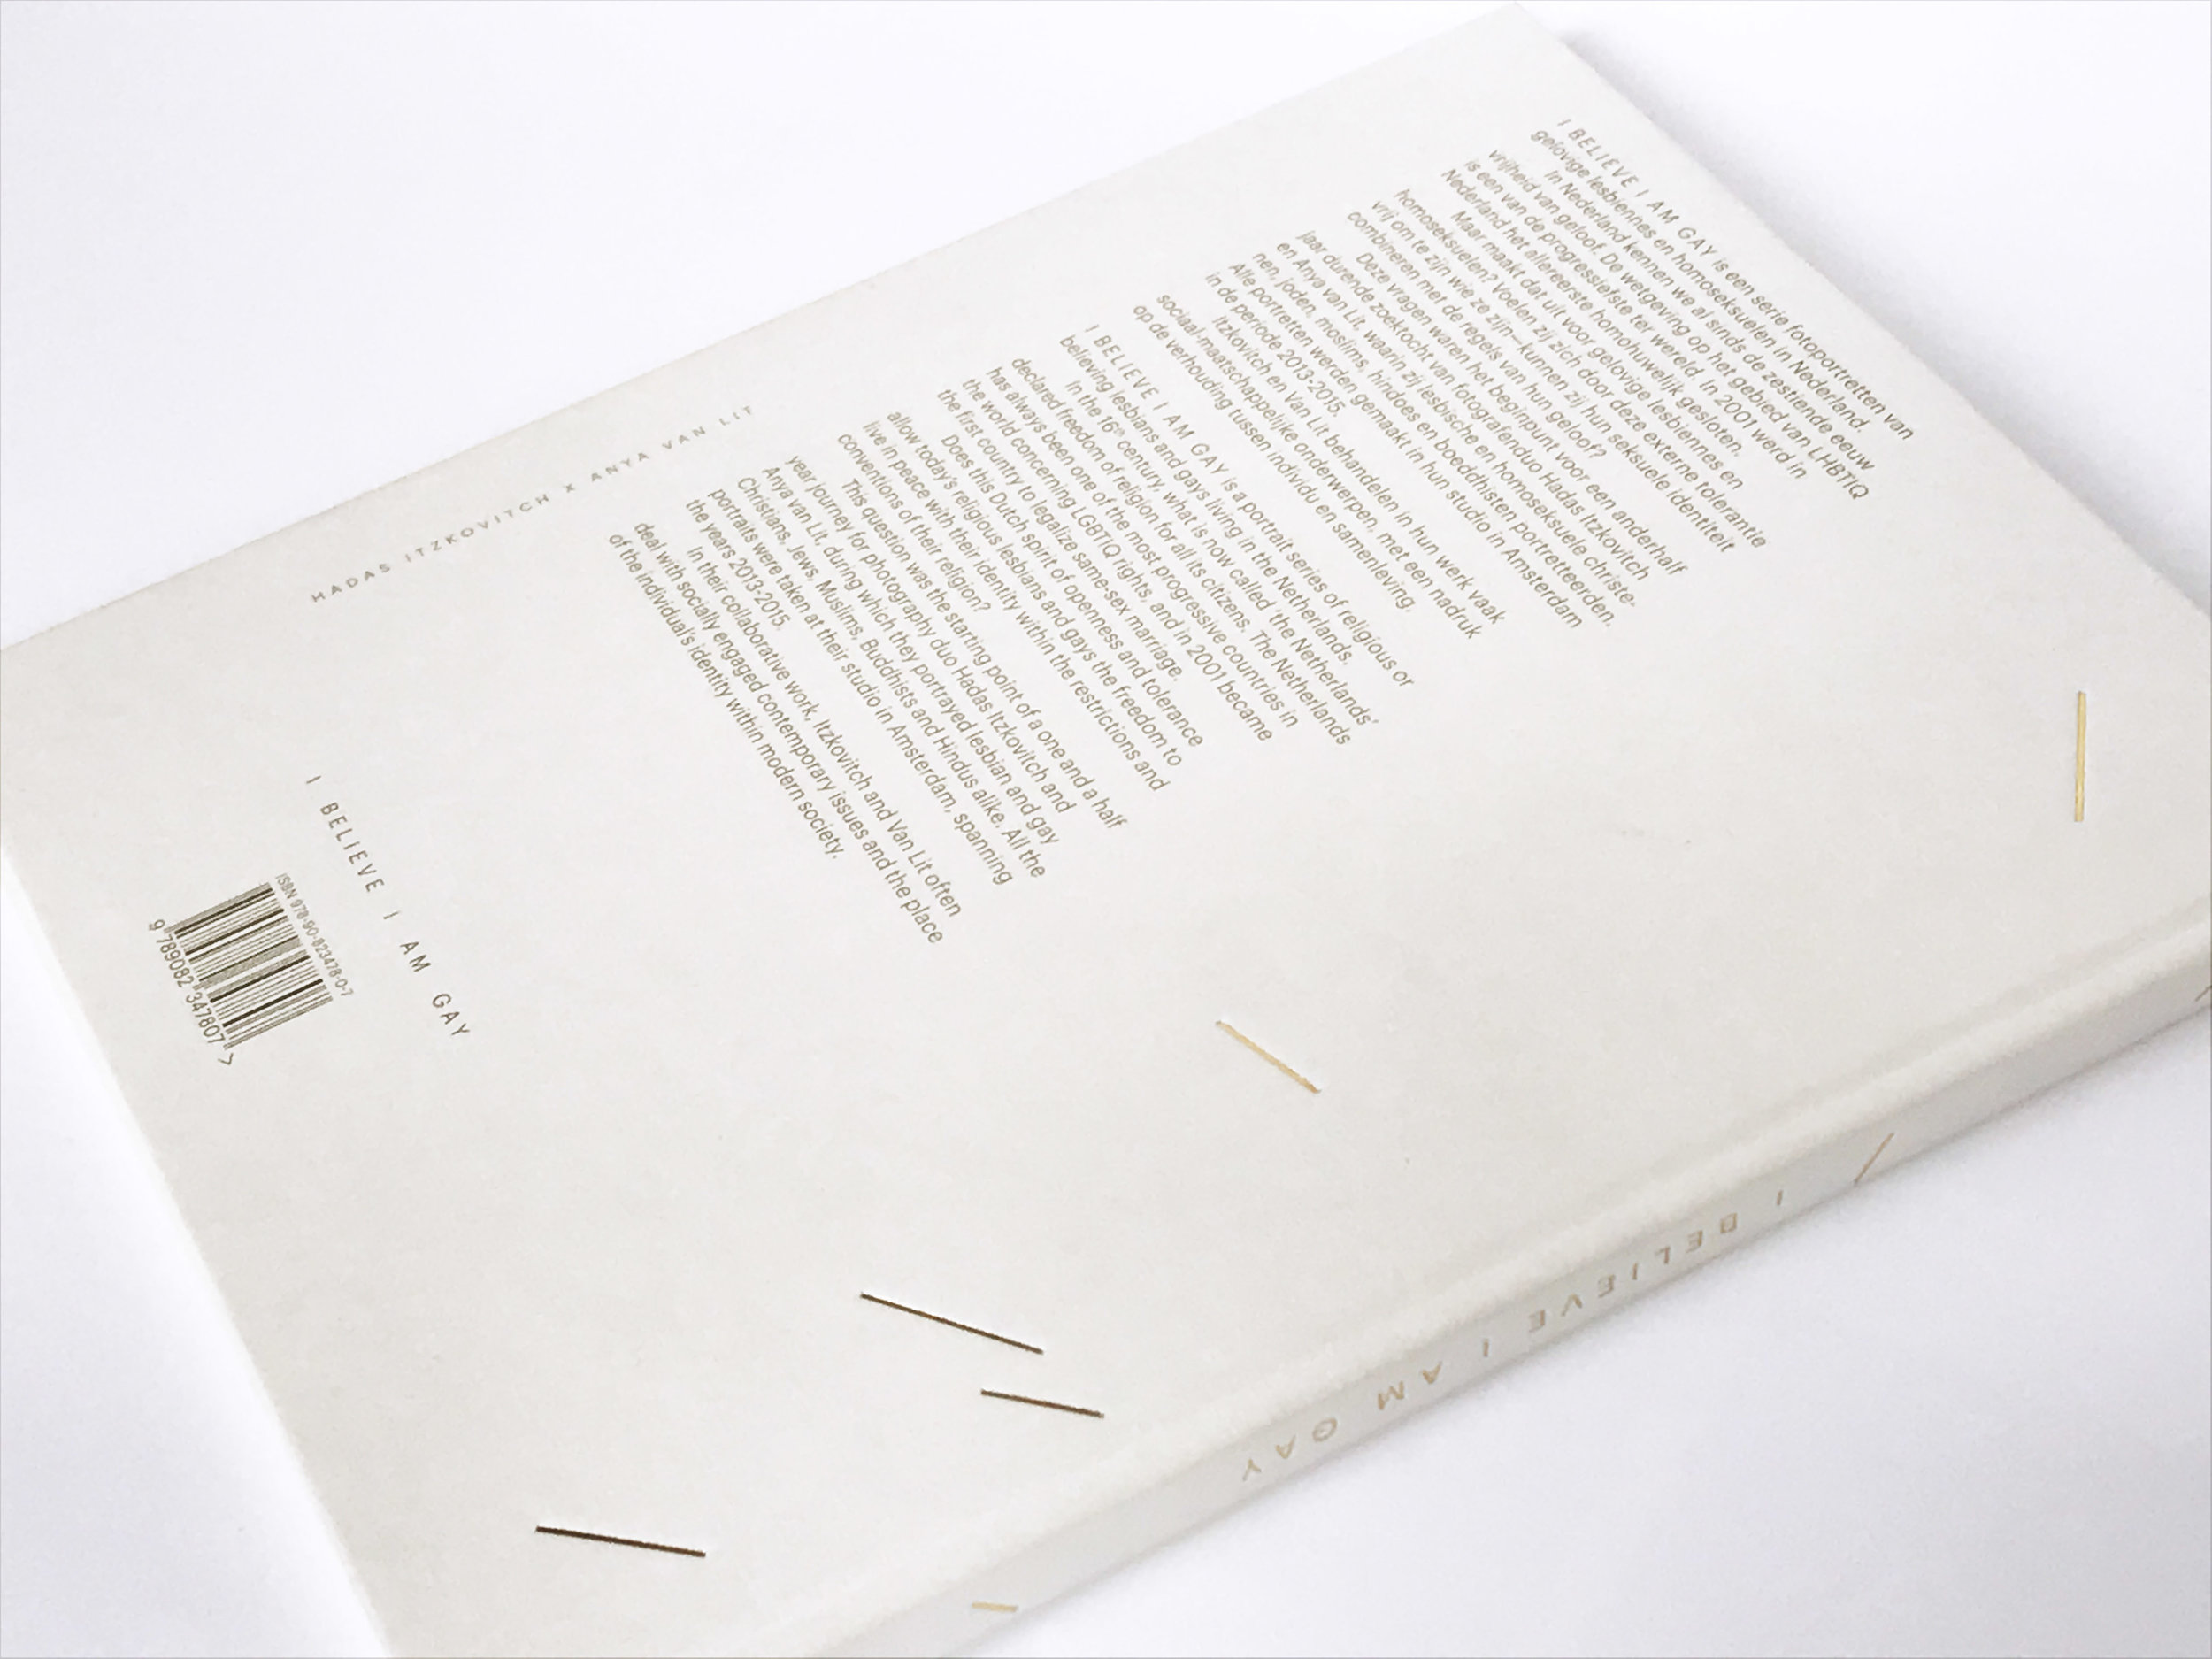 IBIAGbook6.jpg